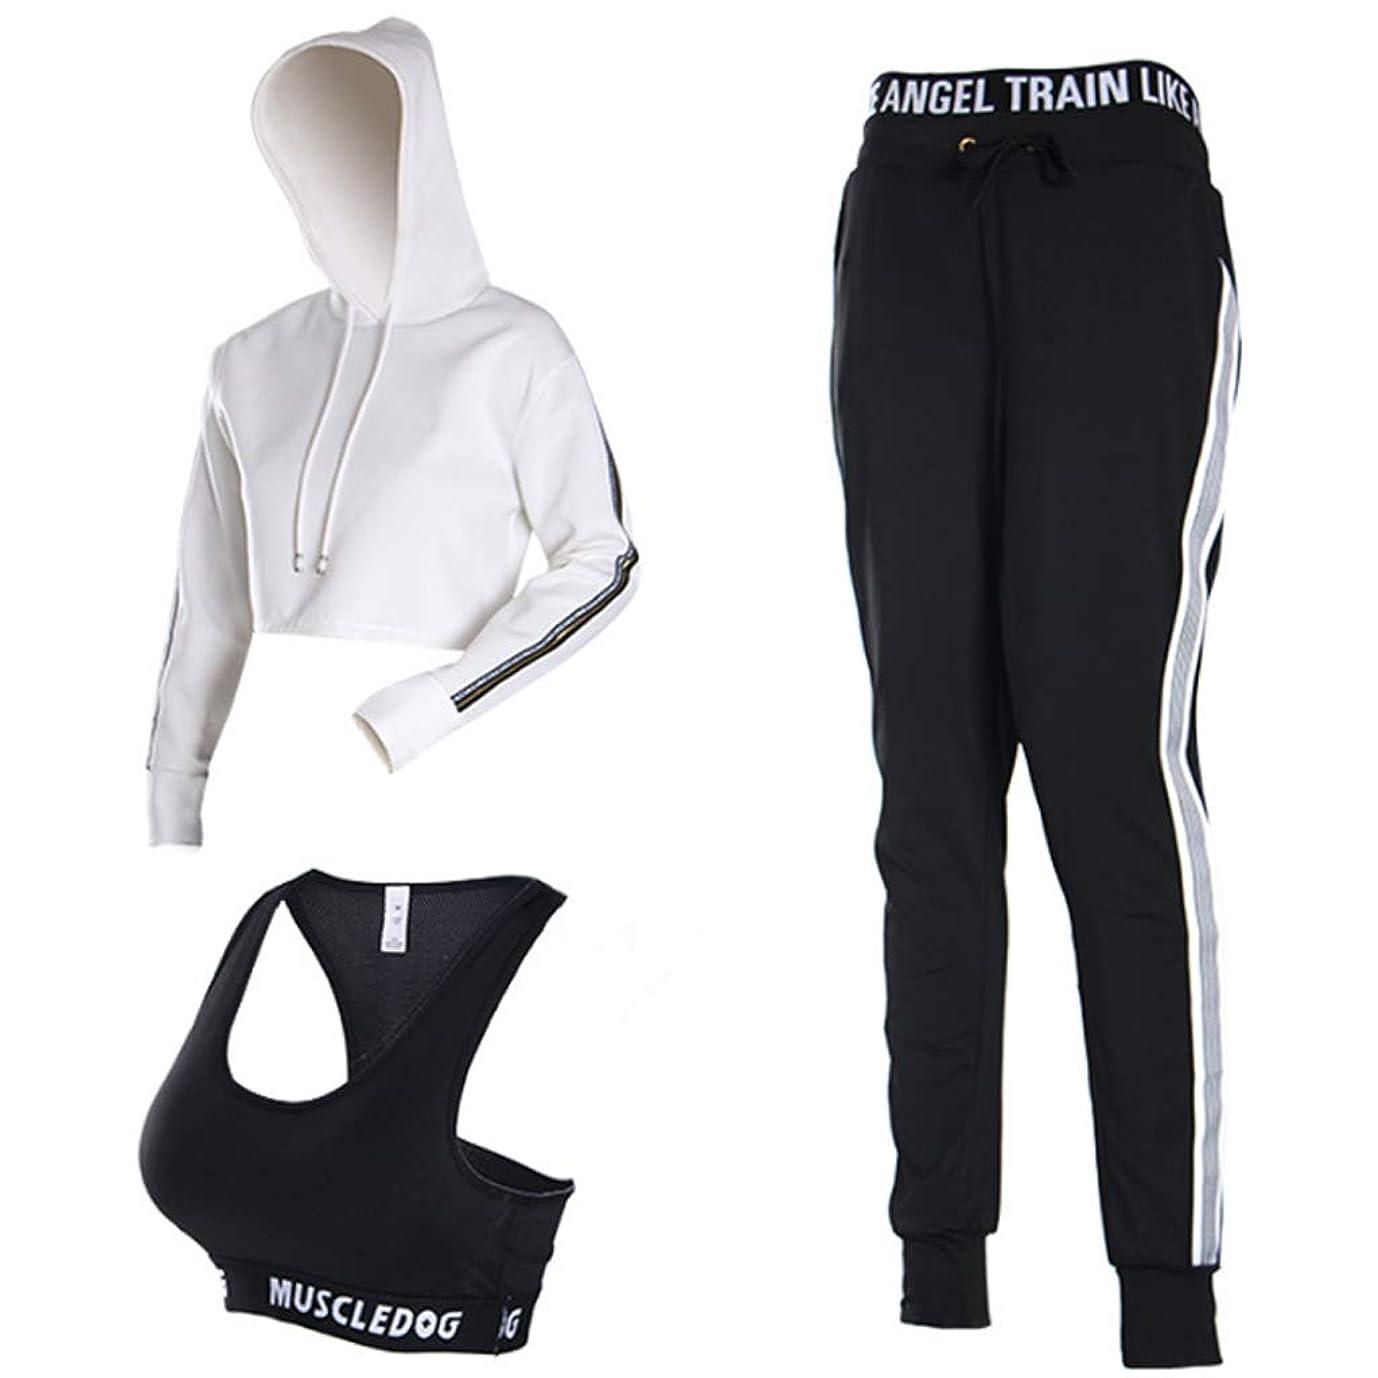 スポーツマンはげ後退するヨガのスーツソリッドカラーフィットネスジャケットヨガ服長袖ズボンスリーピーススポーツブラジャーヨガ服ワークアウト服 (Color : 2, Size : XL)